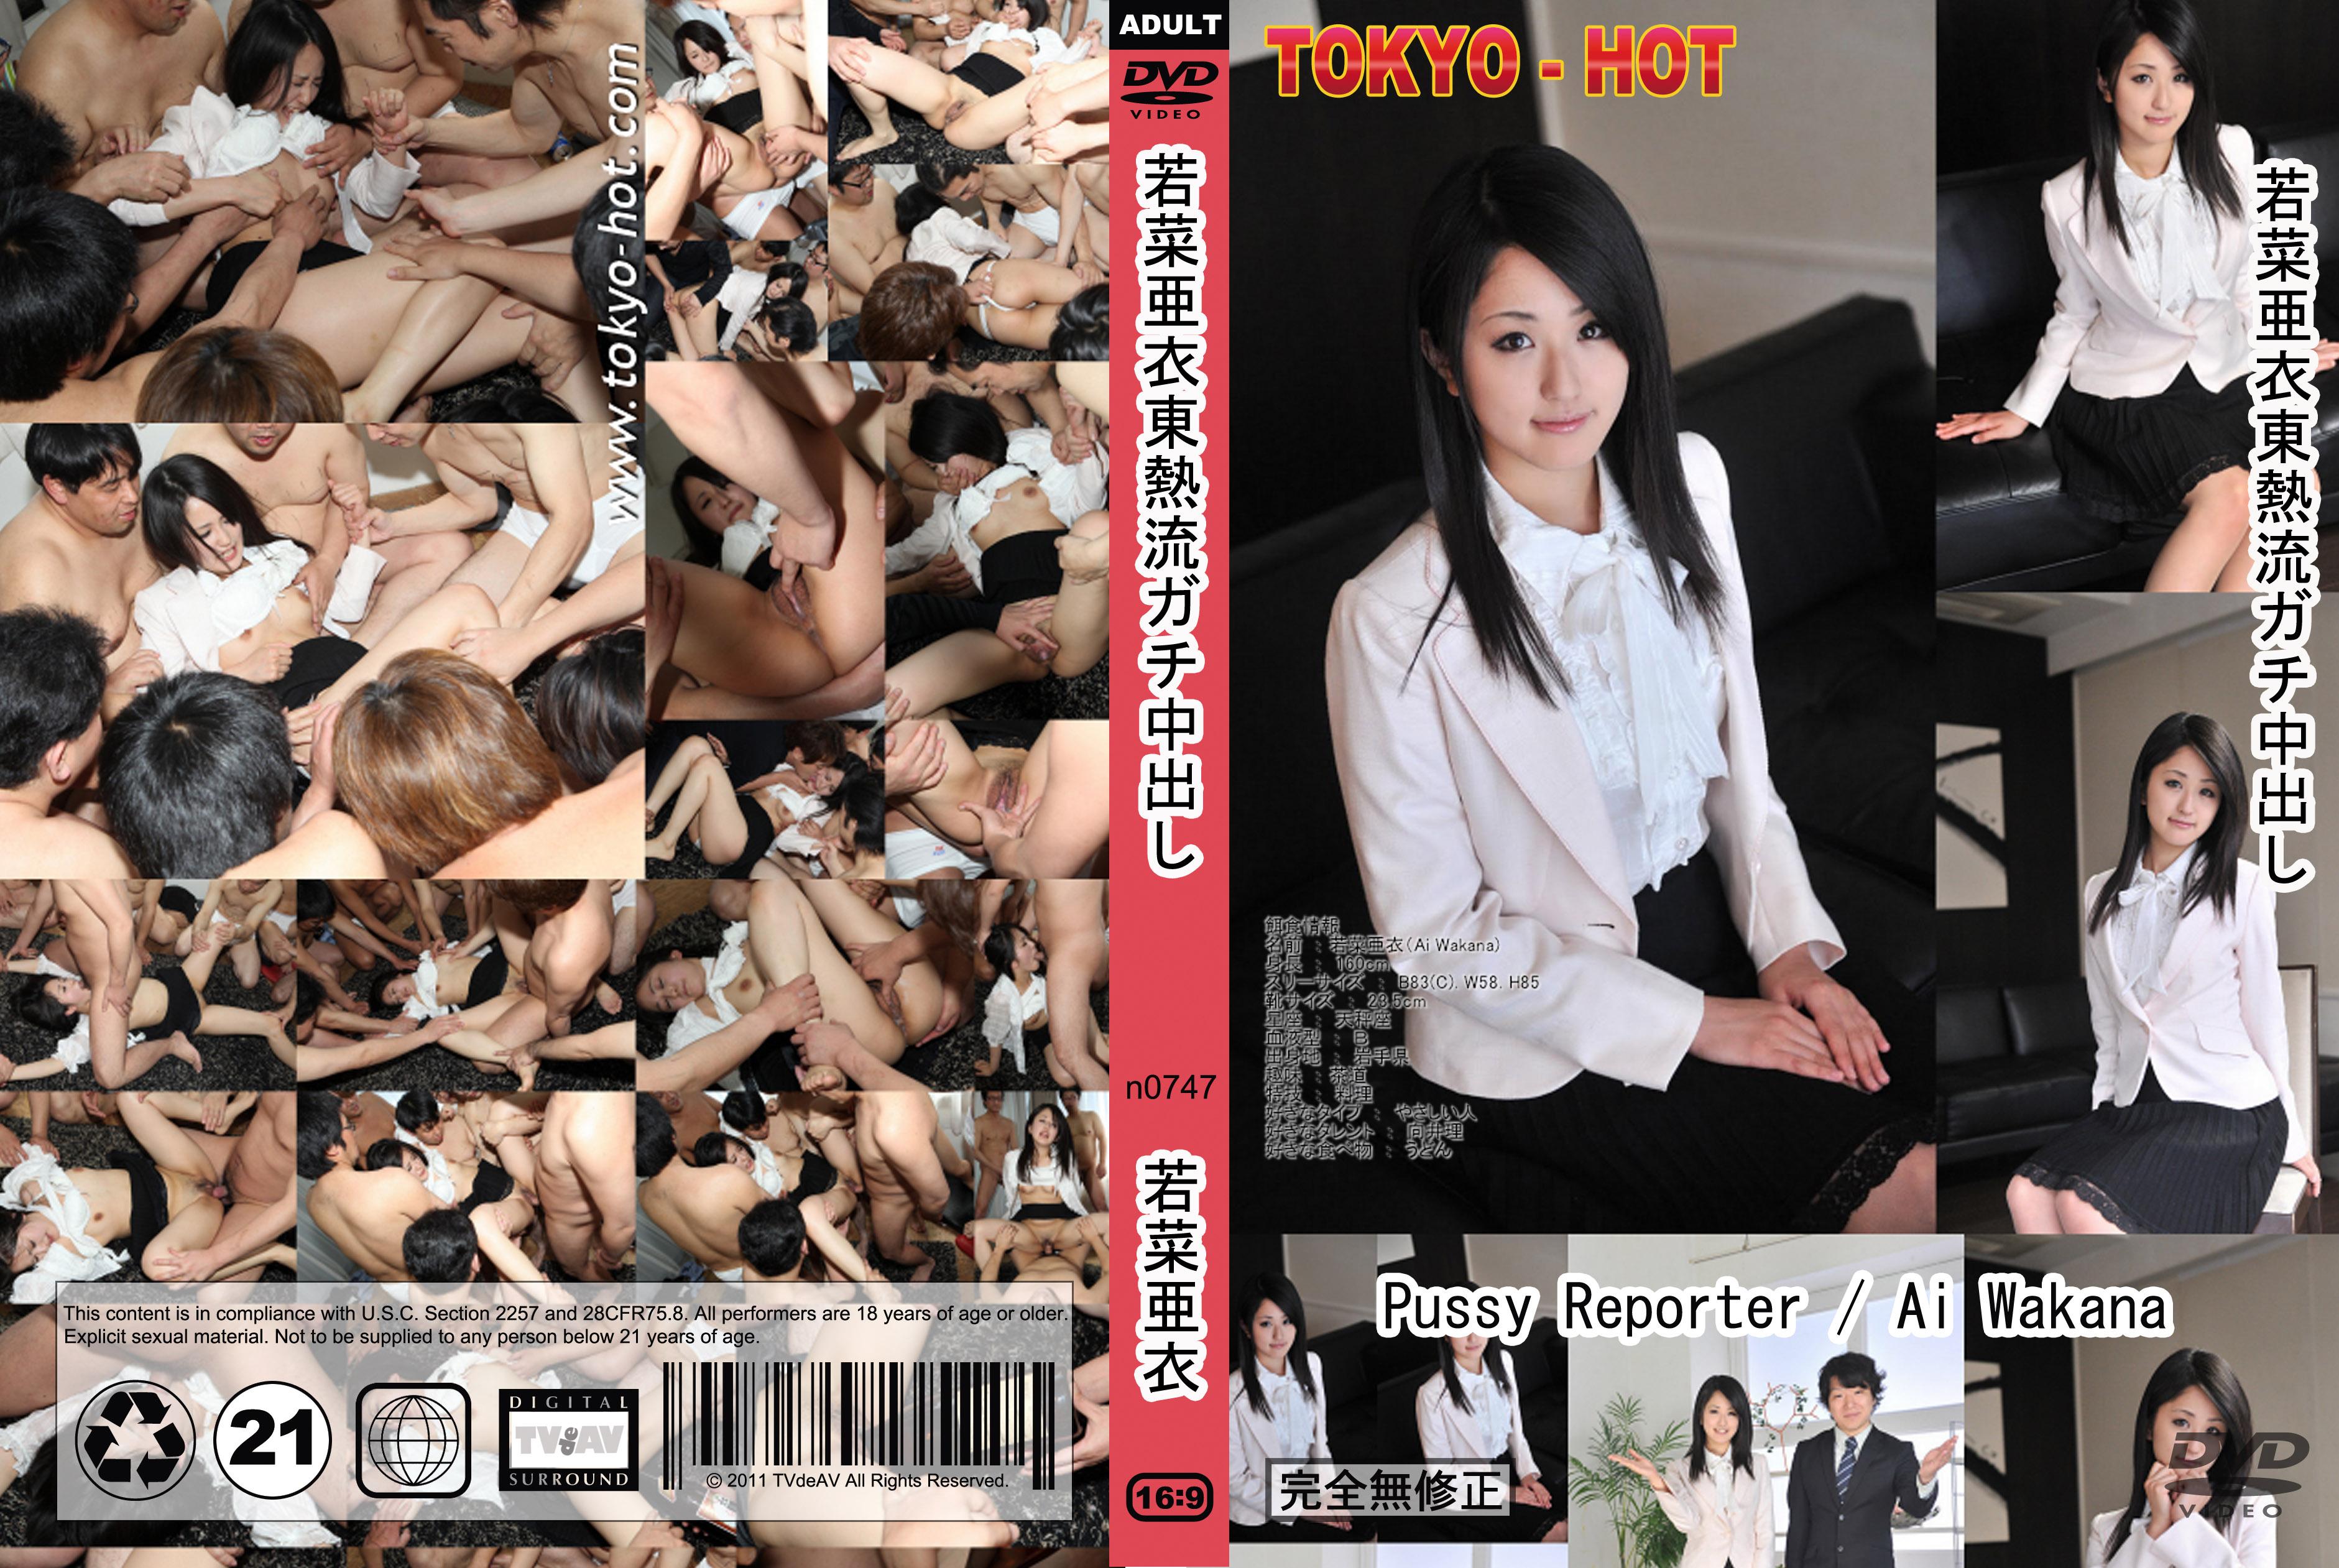 tokyo-hot 若菜亜衣  JAV321